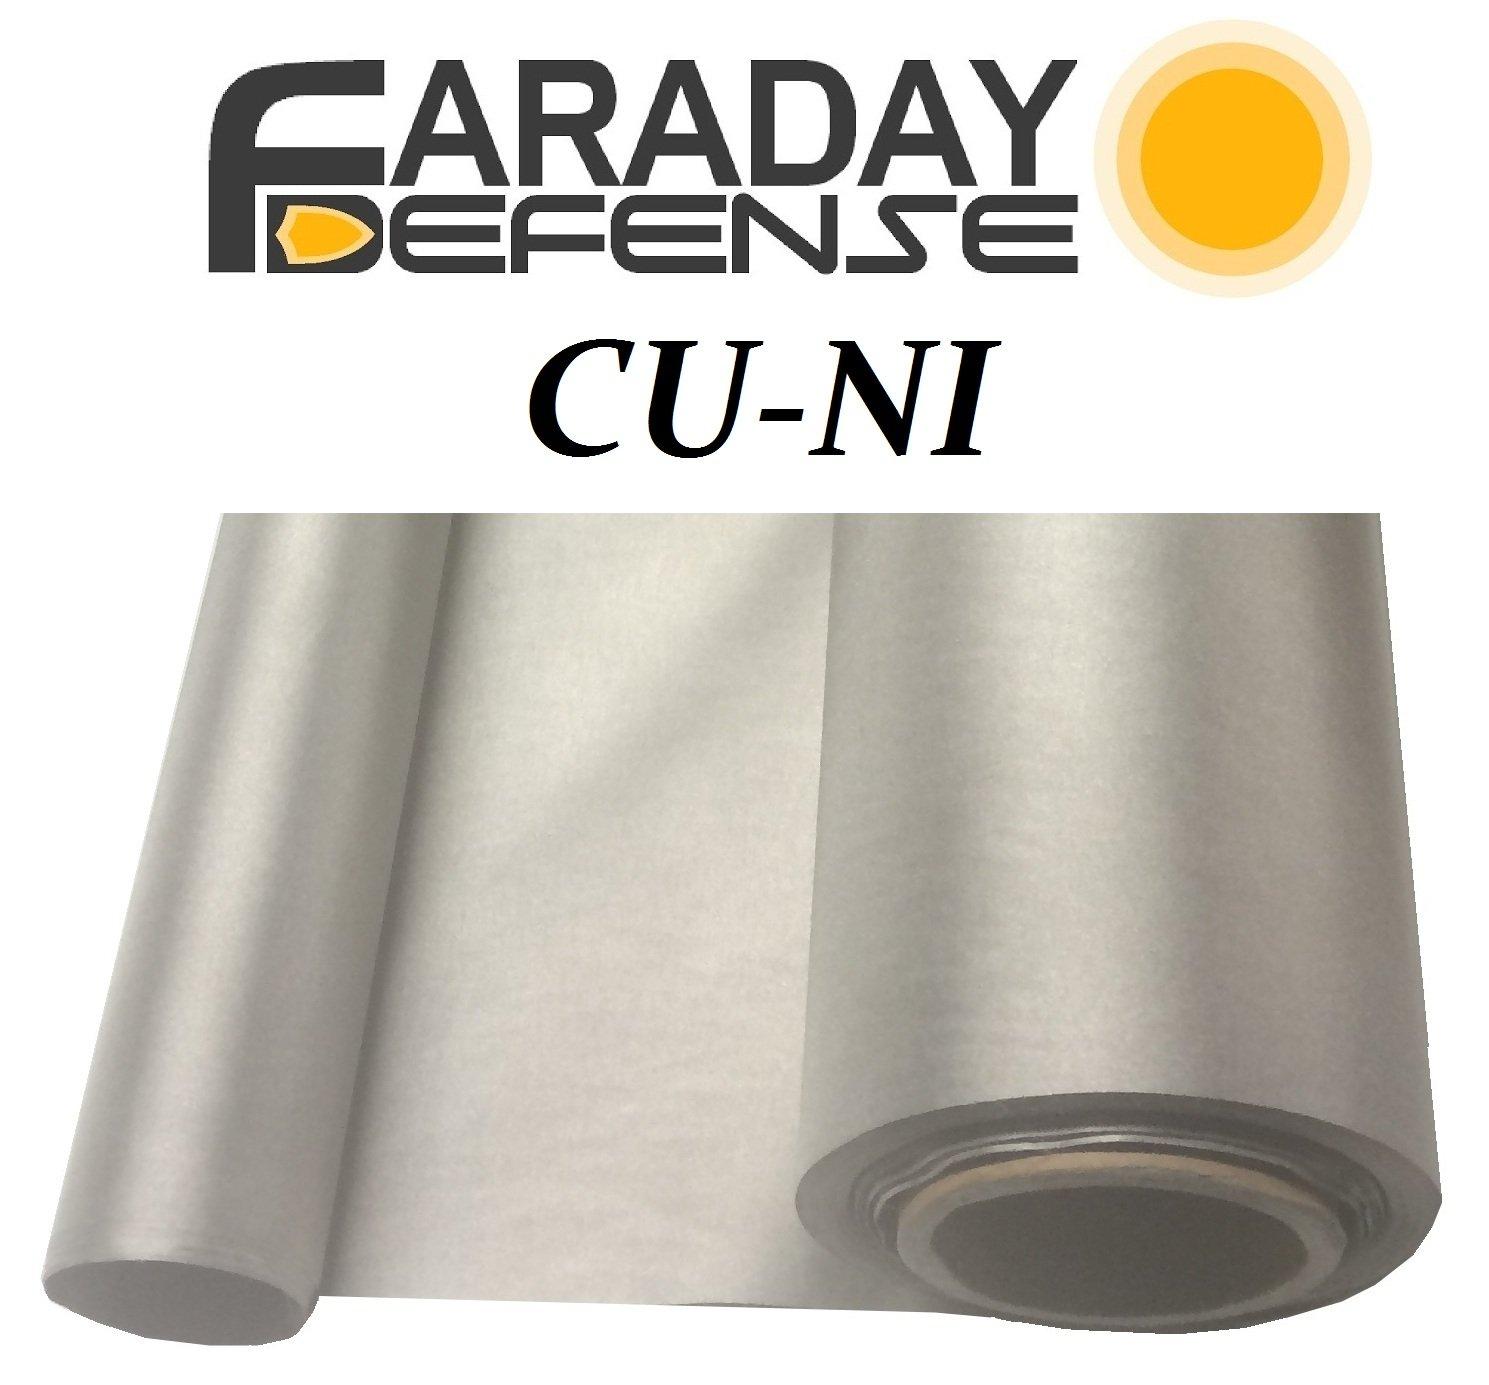 Faraday Defense RF RFID EMF Shielding Nickel Copper Fabric 50'' x 1' Signal Blocking Material